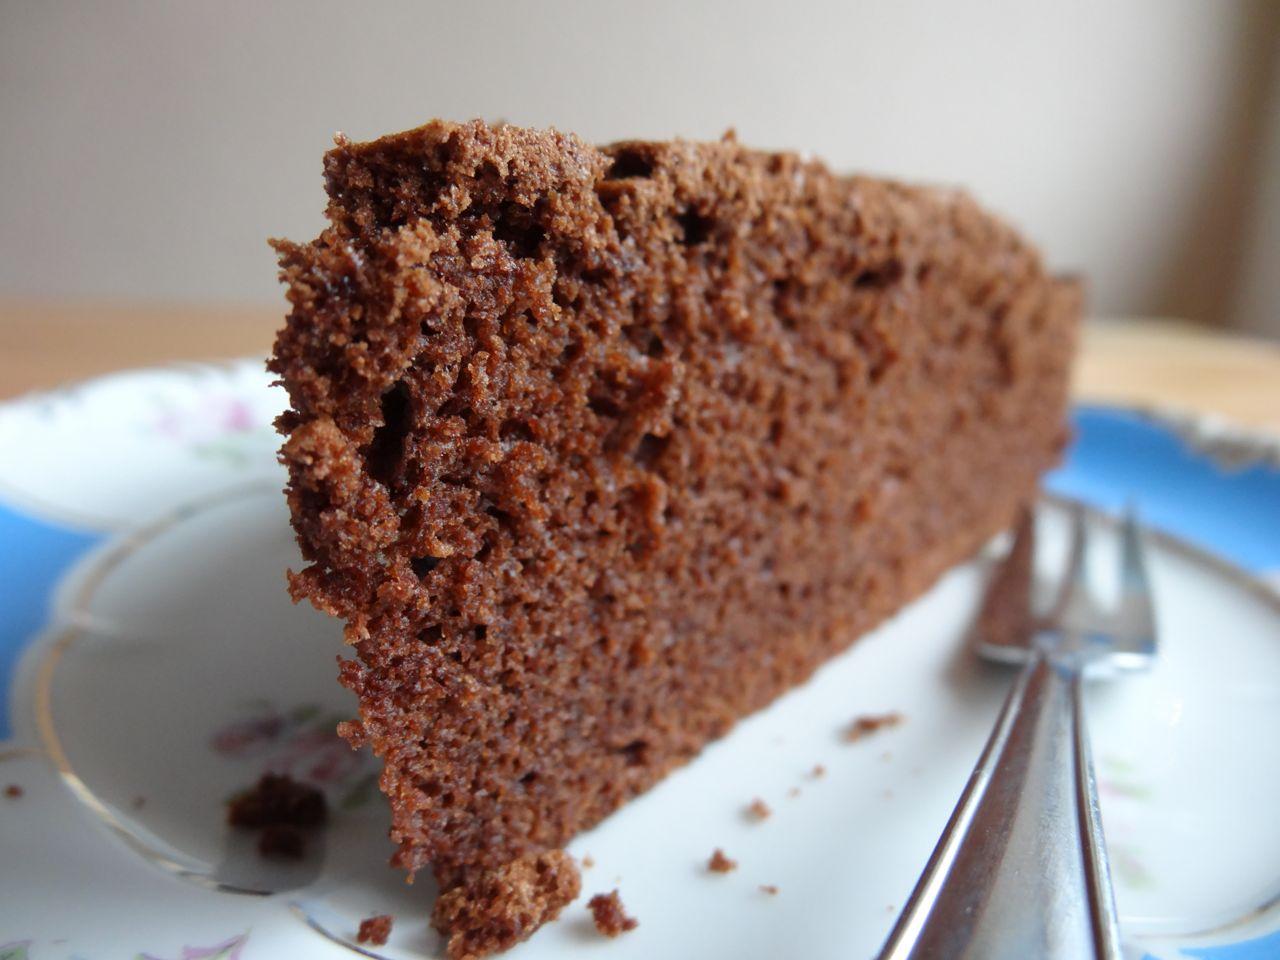 Brigitte Schokokuchen frische brise südtiroler schokoladenkuchen